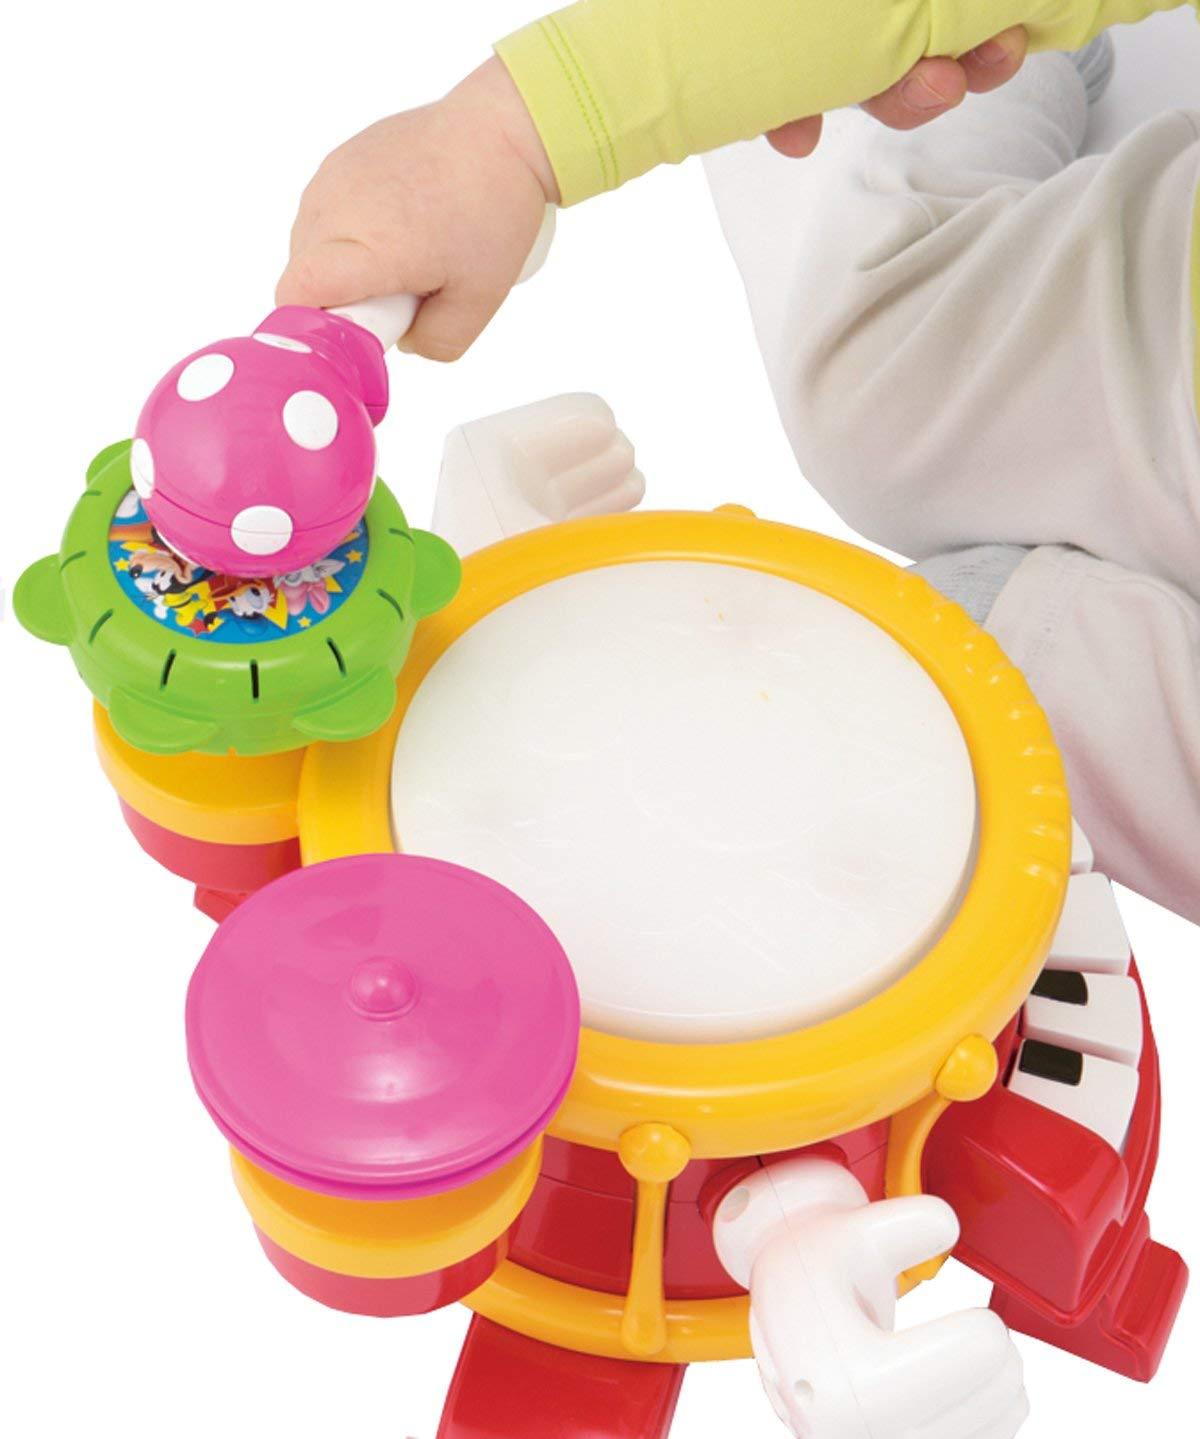 日本TAKARA TOMY / 幼兒統感音樂玩具 / MTAA-C07-S301。1色。(3980*2.4)-日本必買 日本樂天代購 8